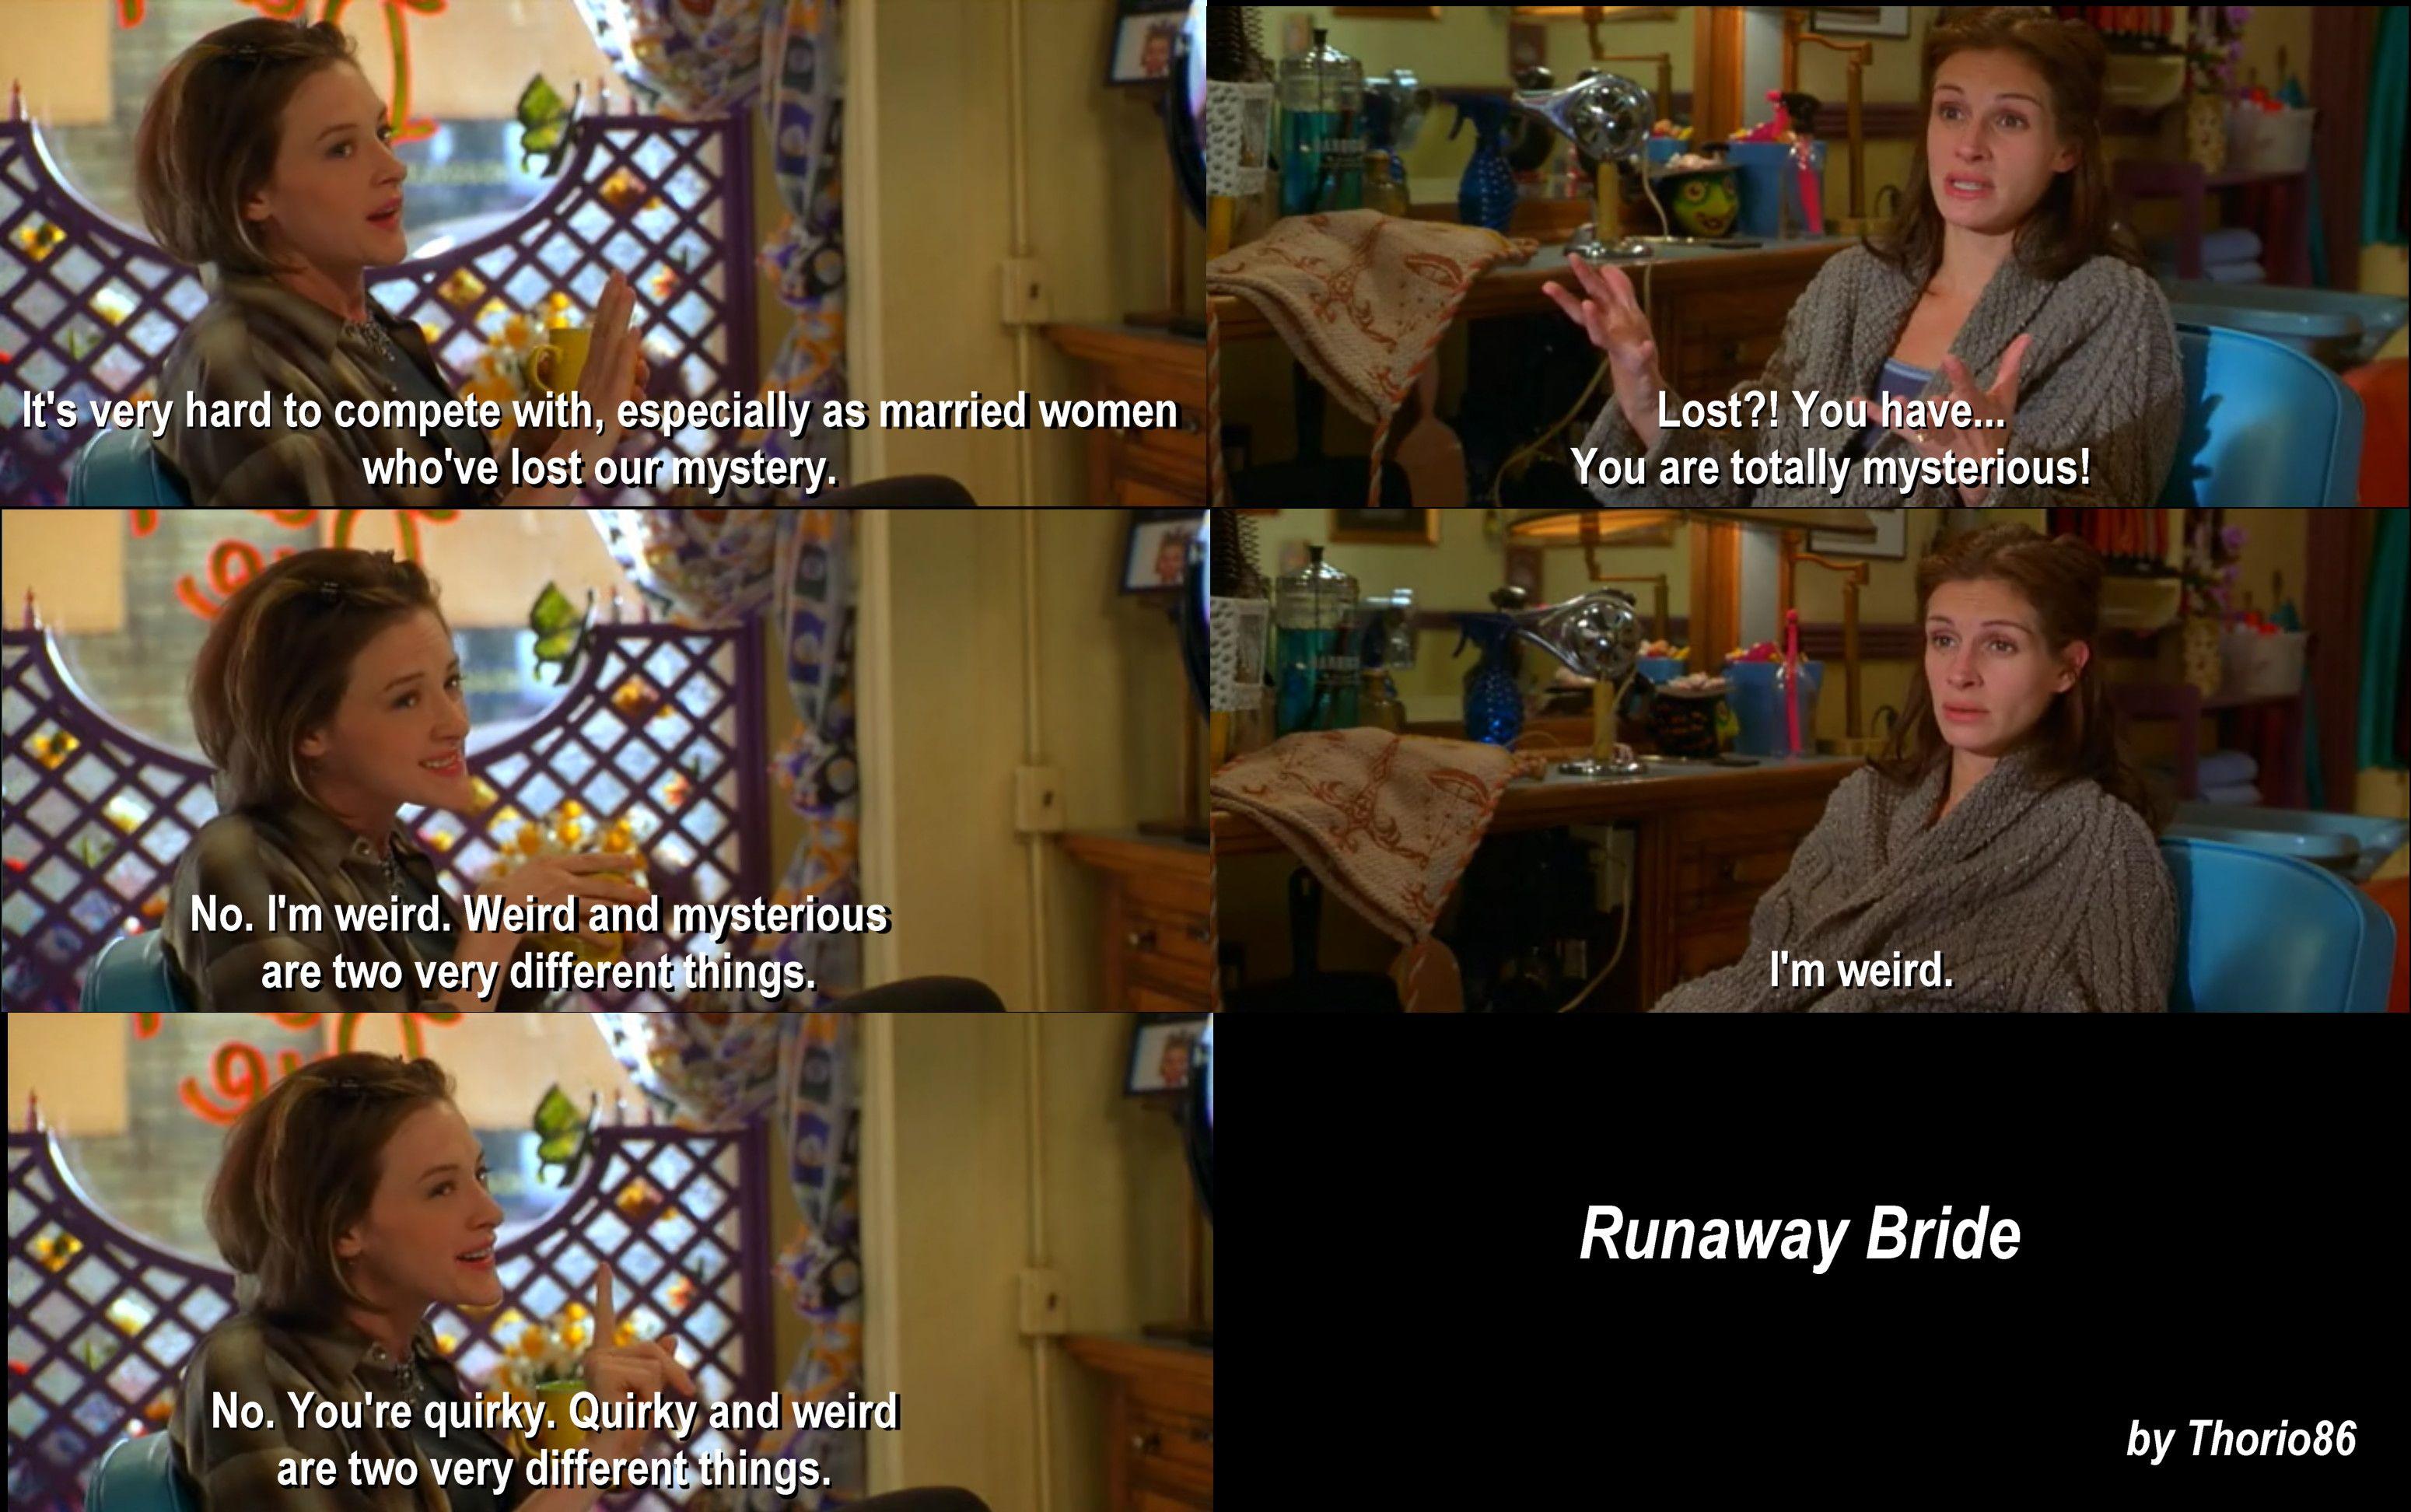 runaway bride quotes